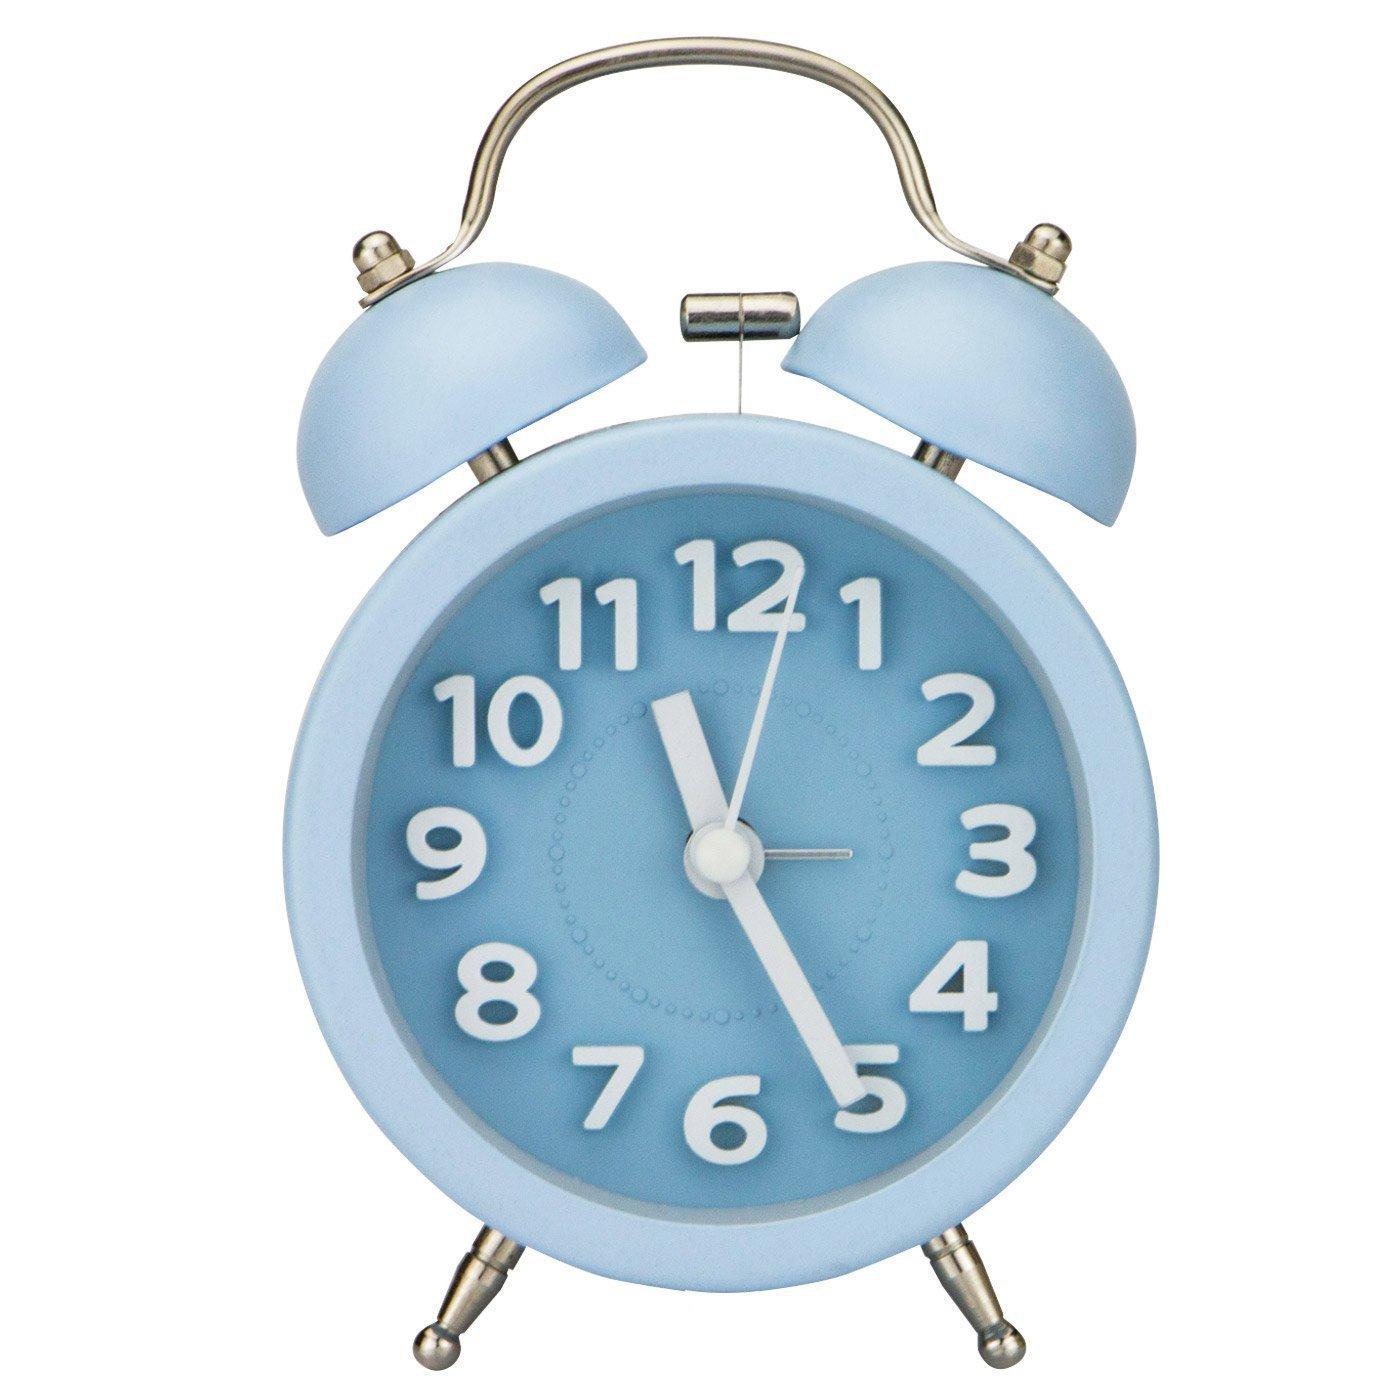 PiLife Silenzioso Non-Ticking Allarme Analogico al Quarzo Dell'Annata con Rotonda Twin Bell, Allarme forte / Luce notturna/ Numeri 3D per Sleepers Leggeri e Pesanti - Rosa